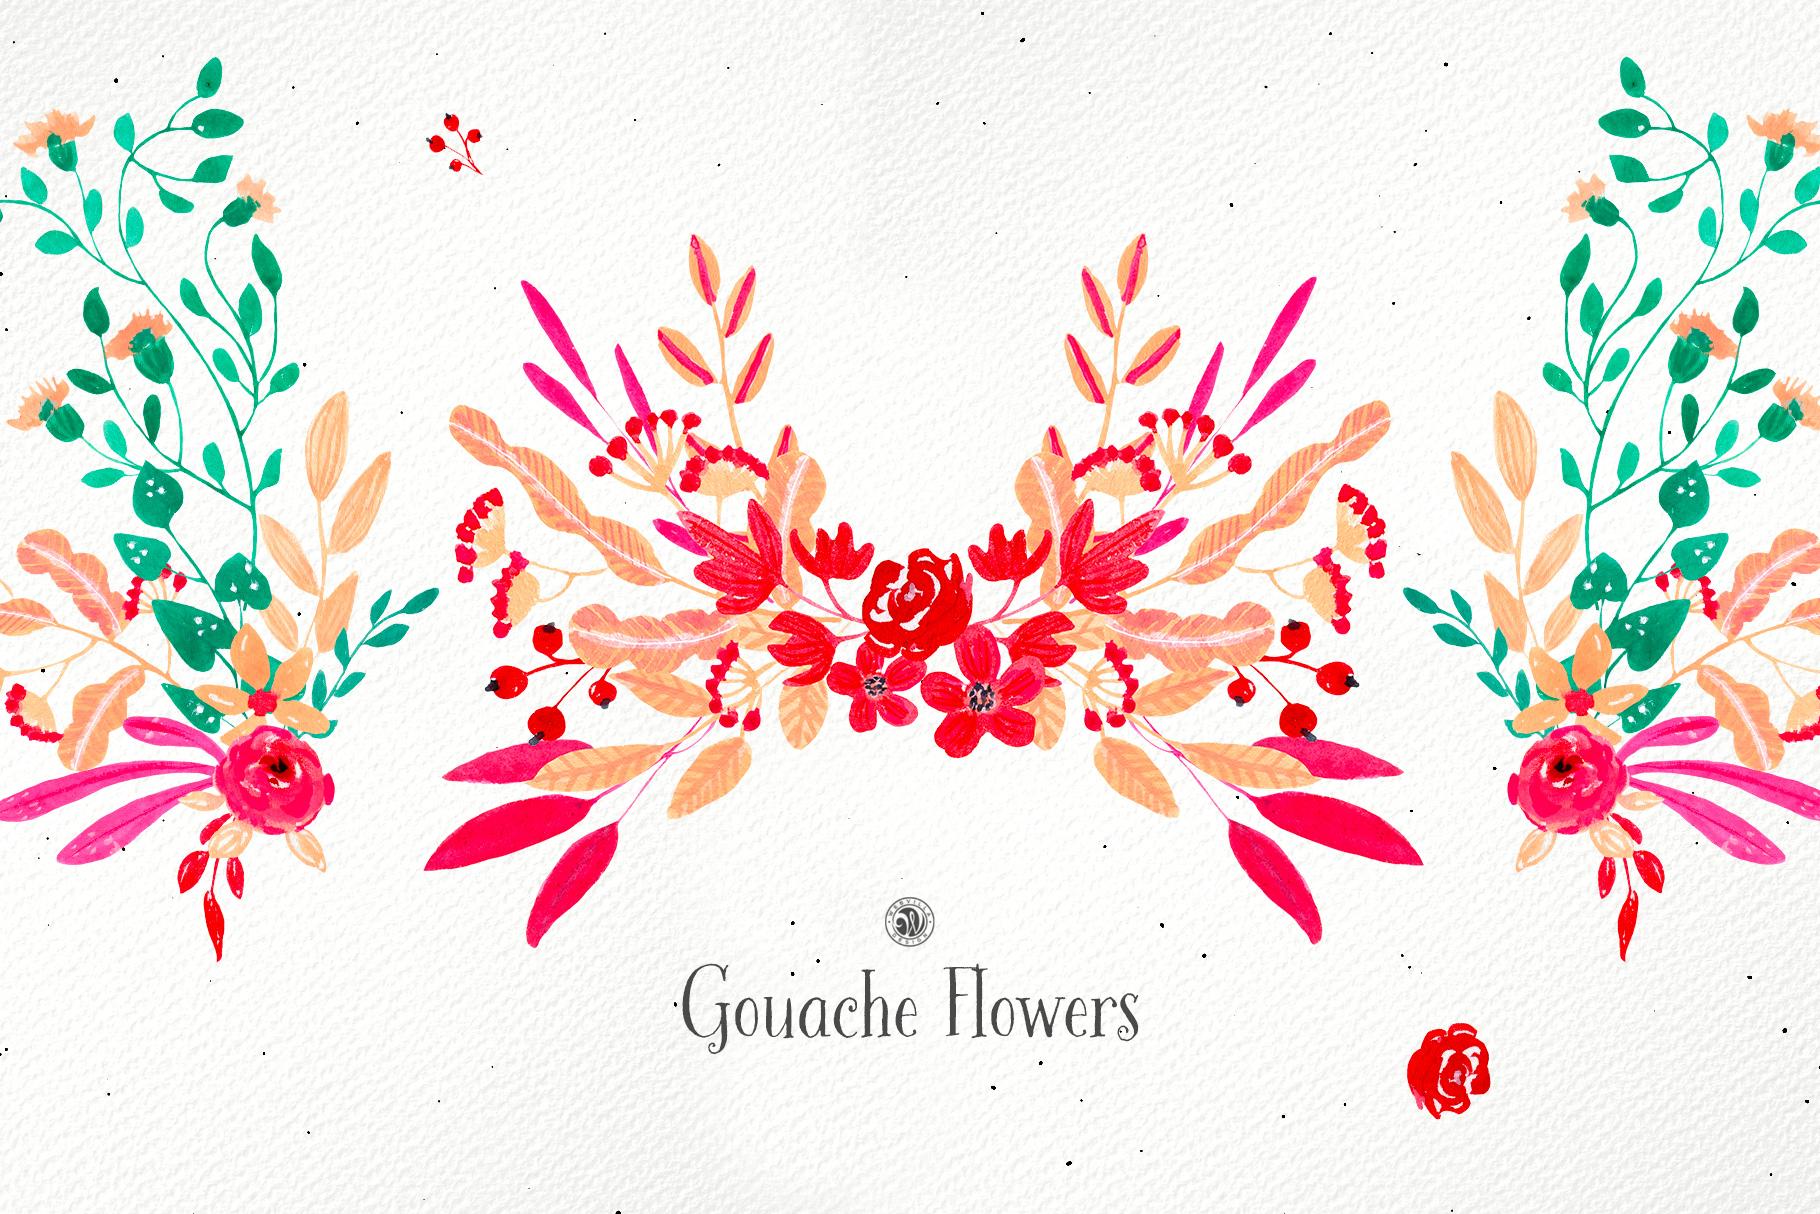 Gouache Flowers example image 2